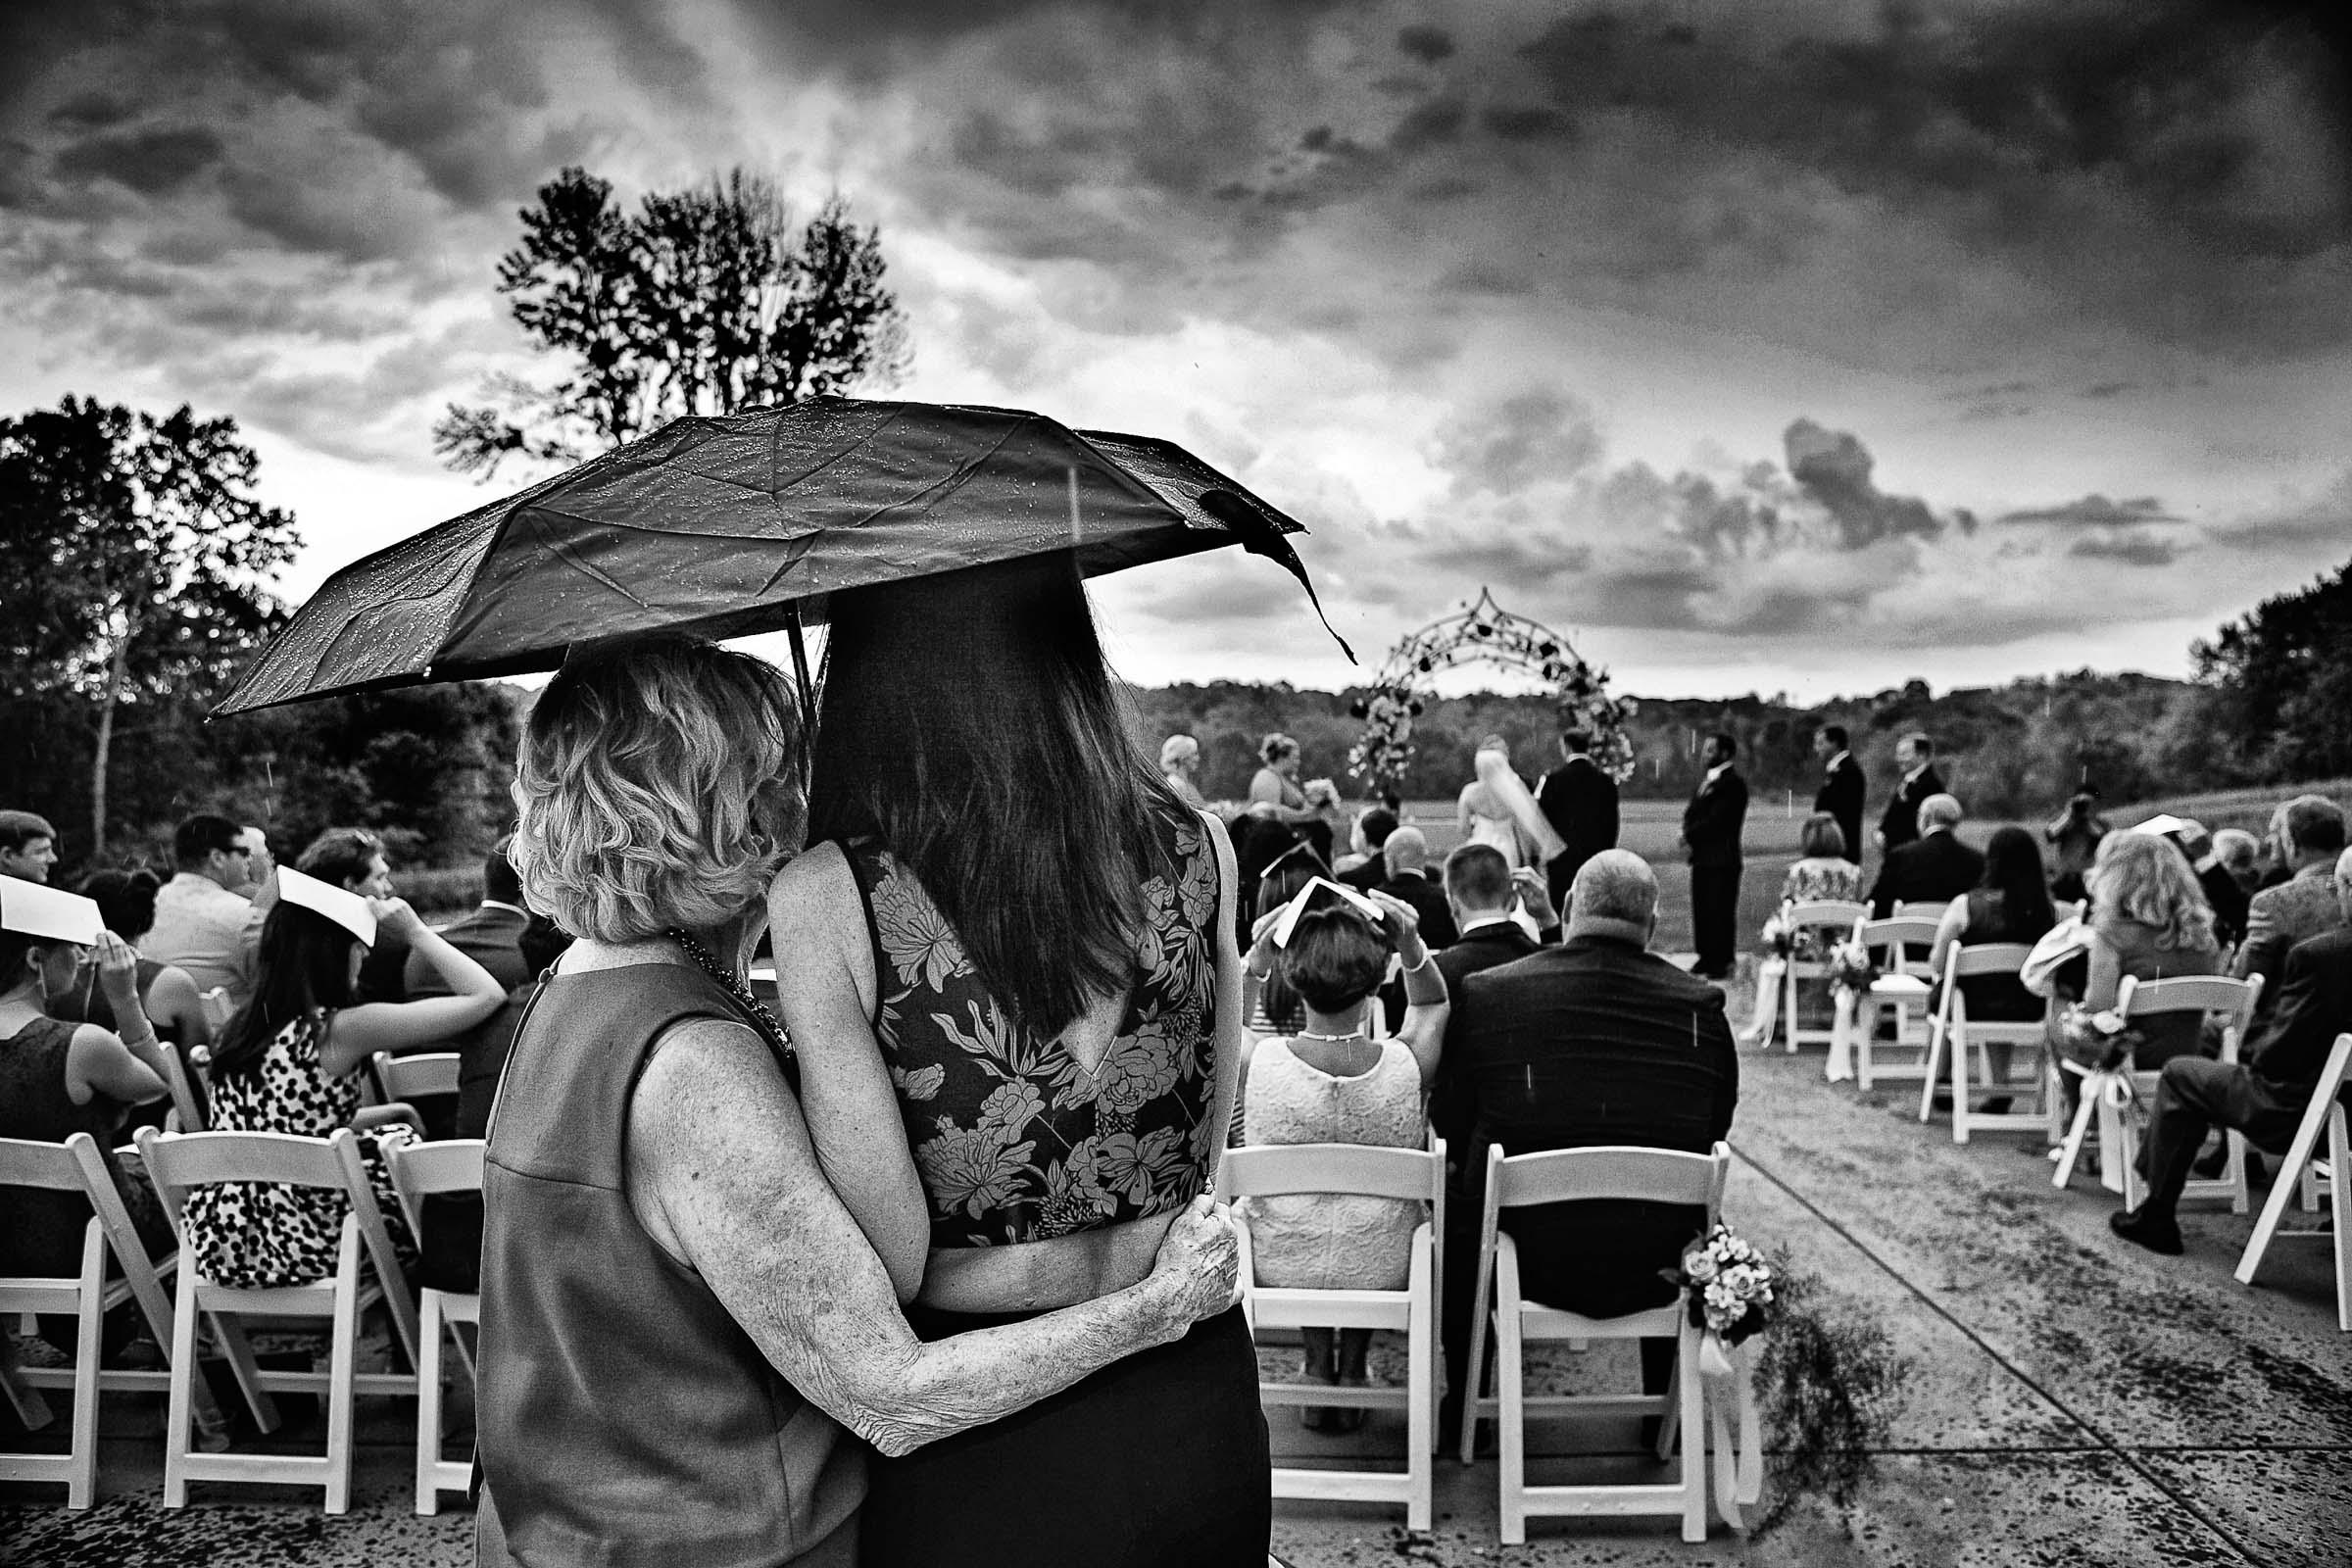 Rain at the ceremony - photo by Marissa Joy Photography